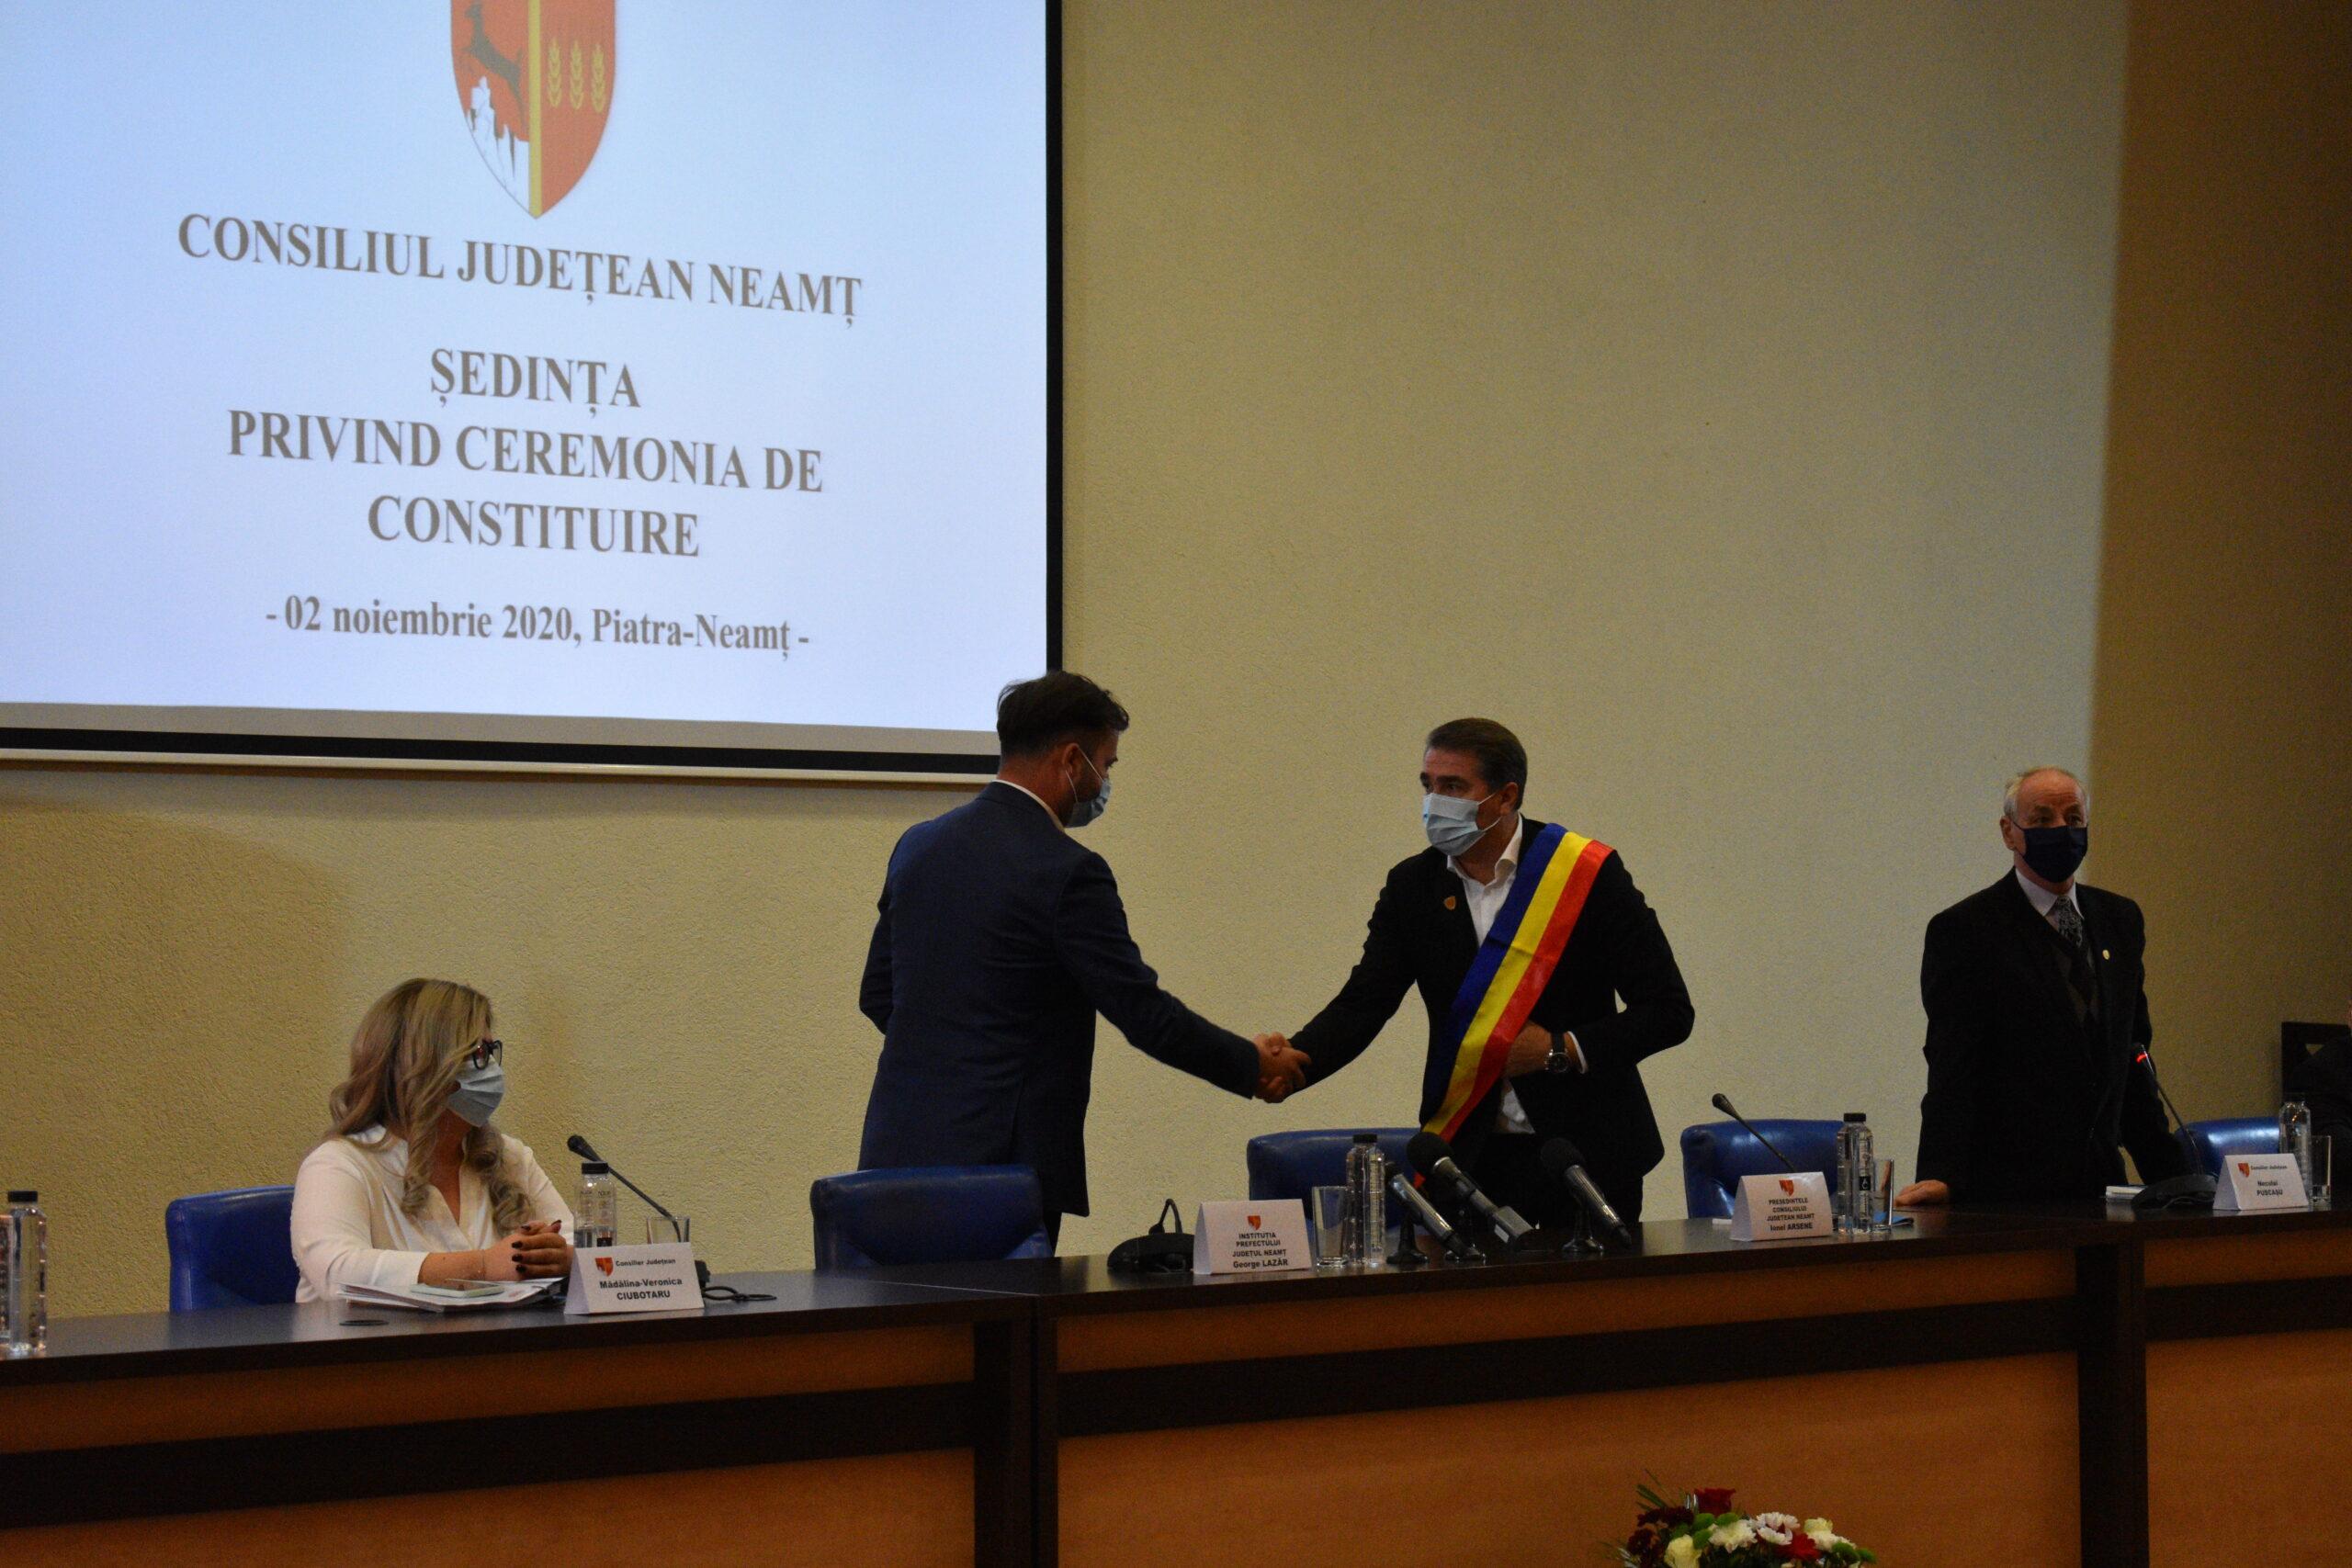 """Declarația și poza zilei vin de la Consiliul Județean Neamț: """"Îl felicit pe Ionel Arsene pentru…"""""""